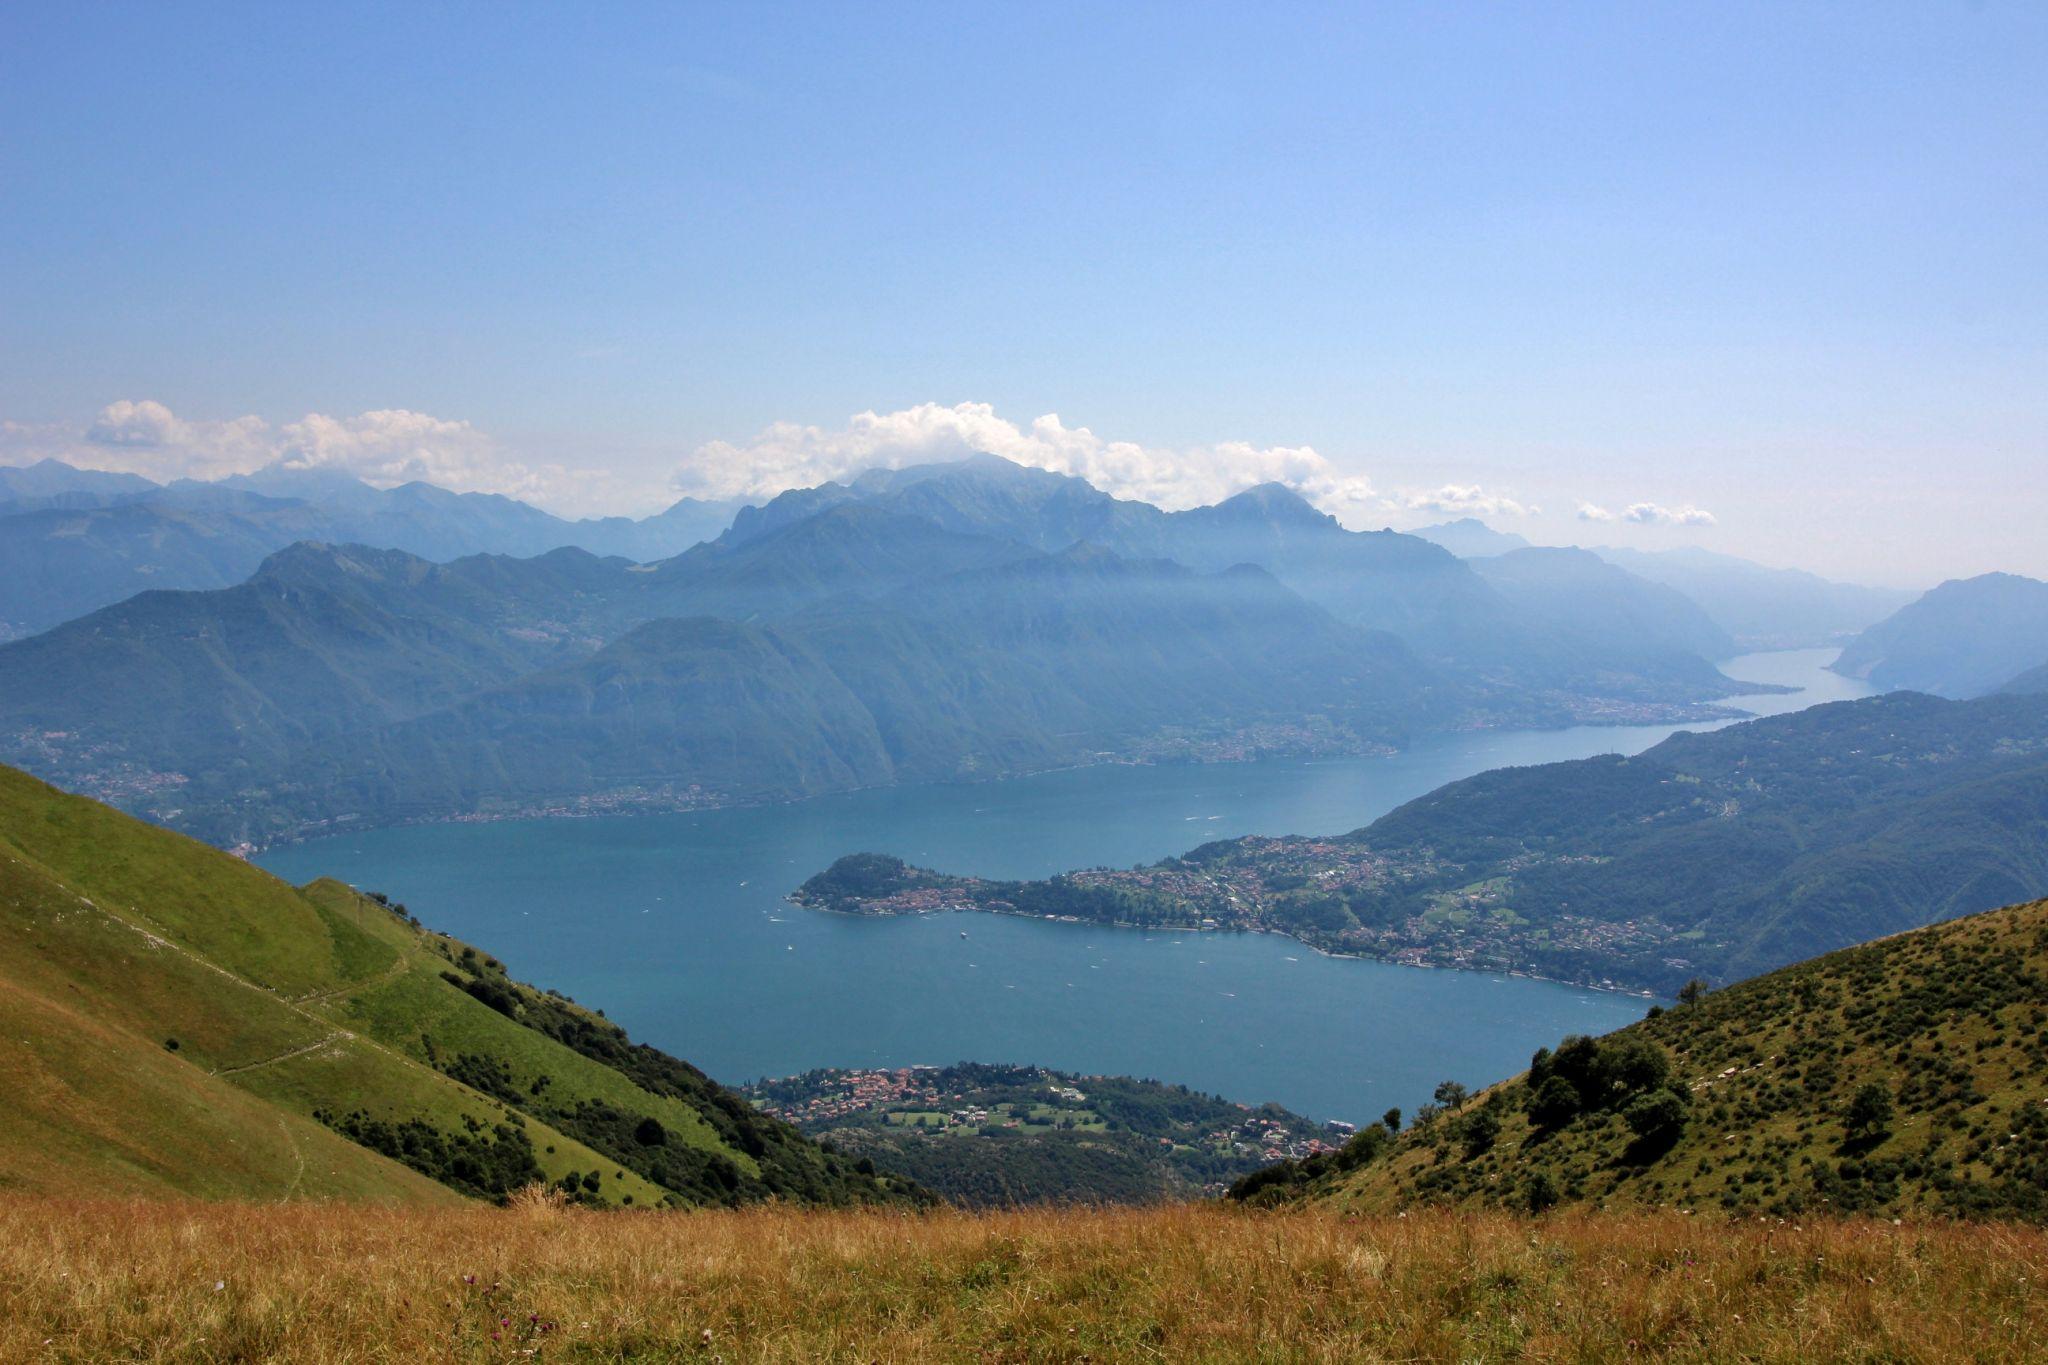 Monte Crocione, Italy